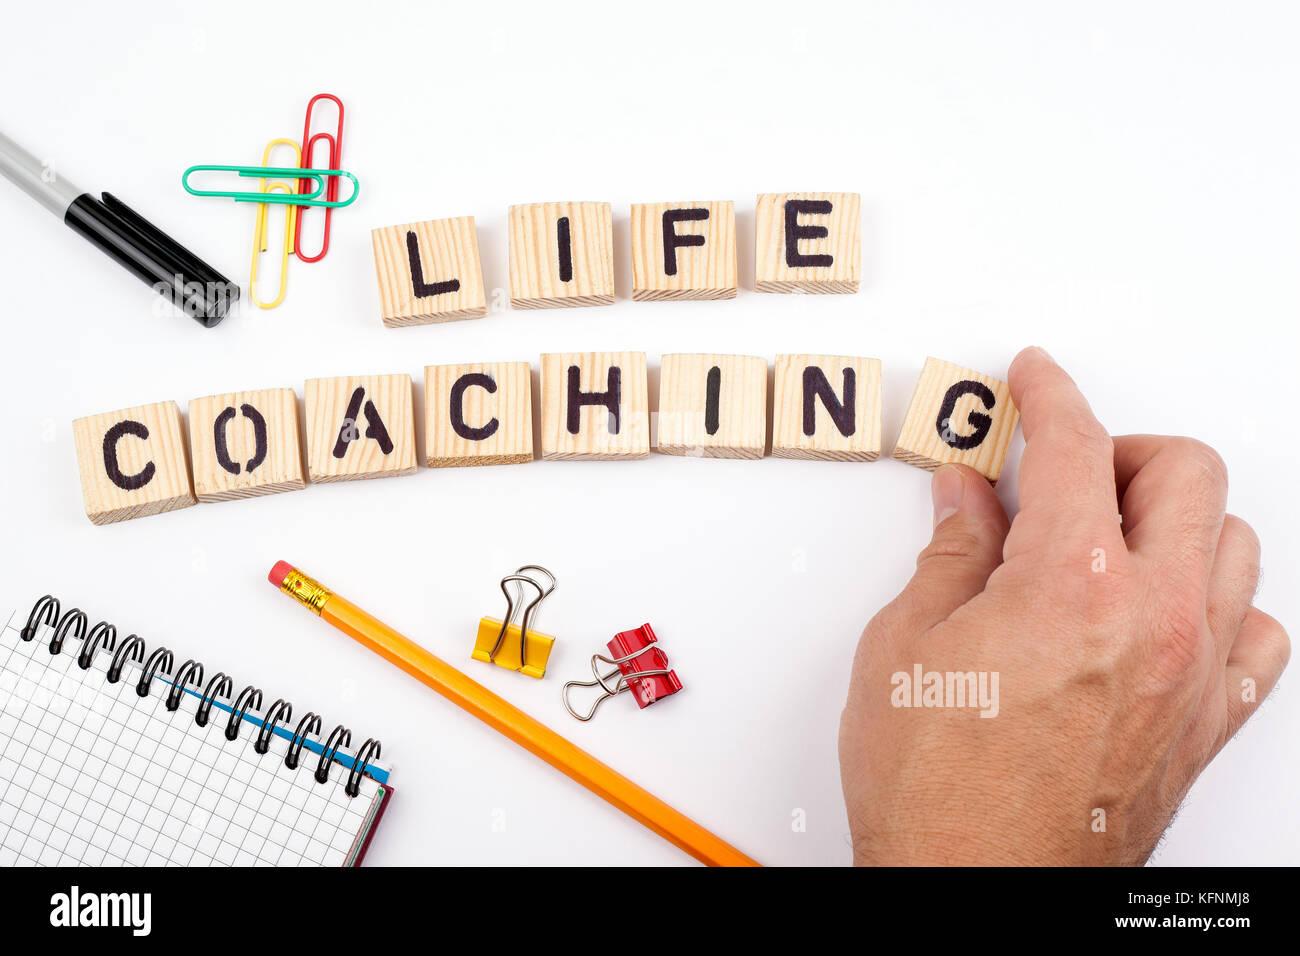 Life coaching. letras de madera sobre un fondo blanco. Imagen De Stock